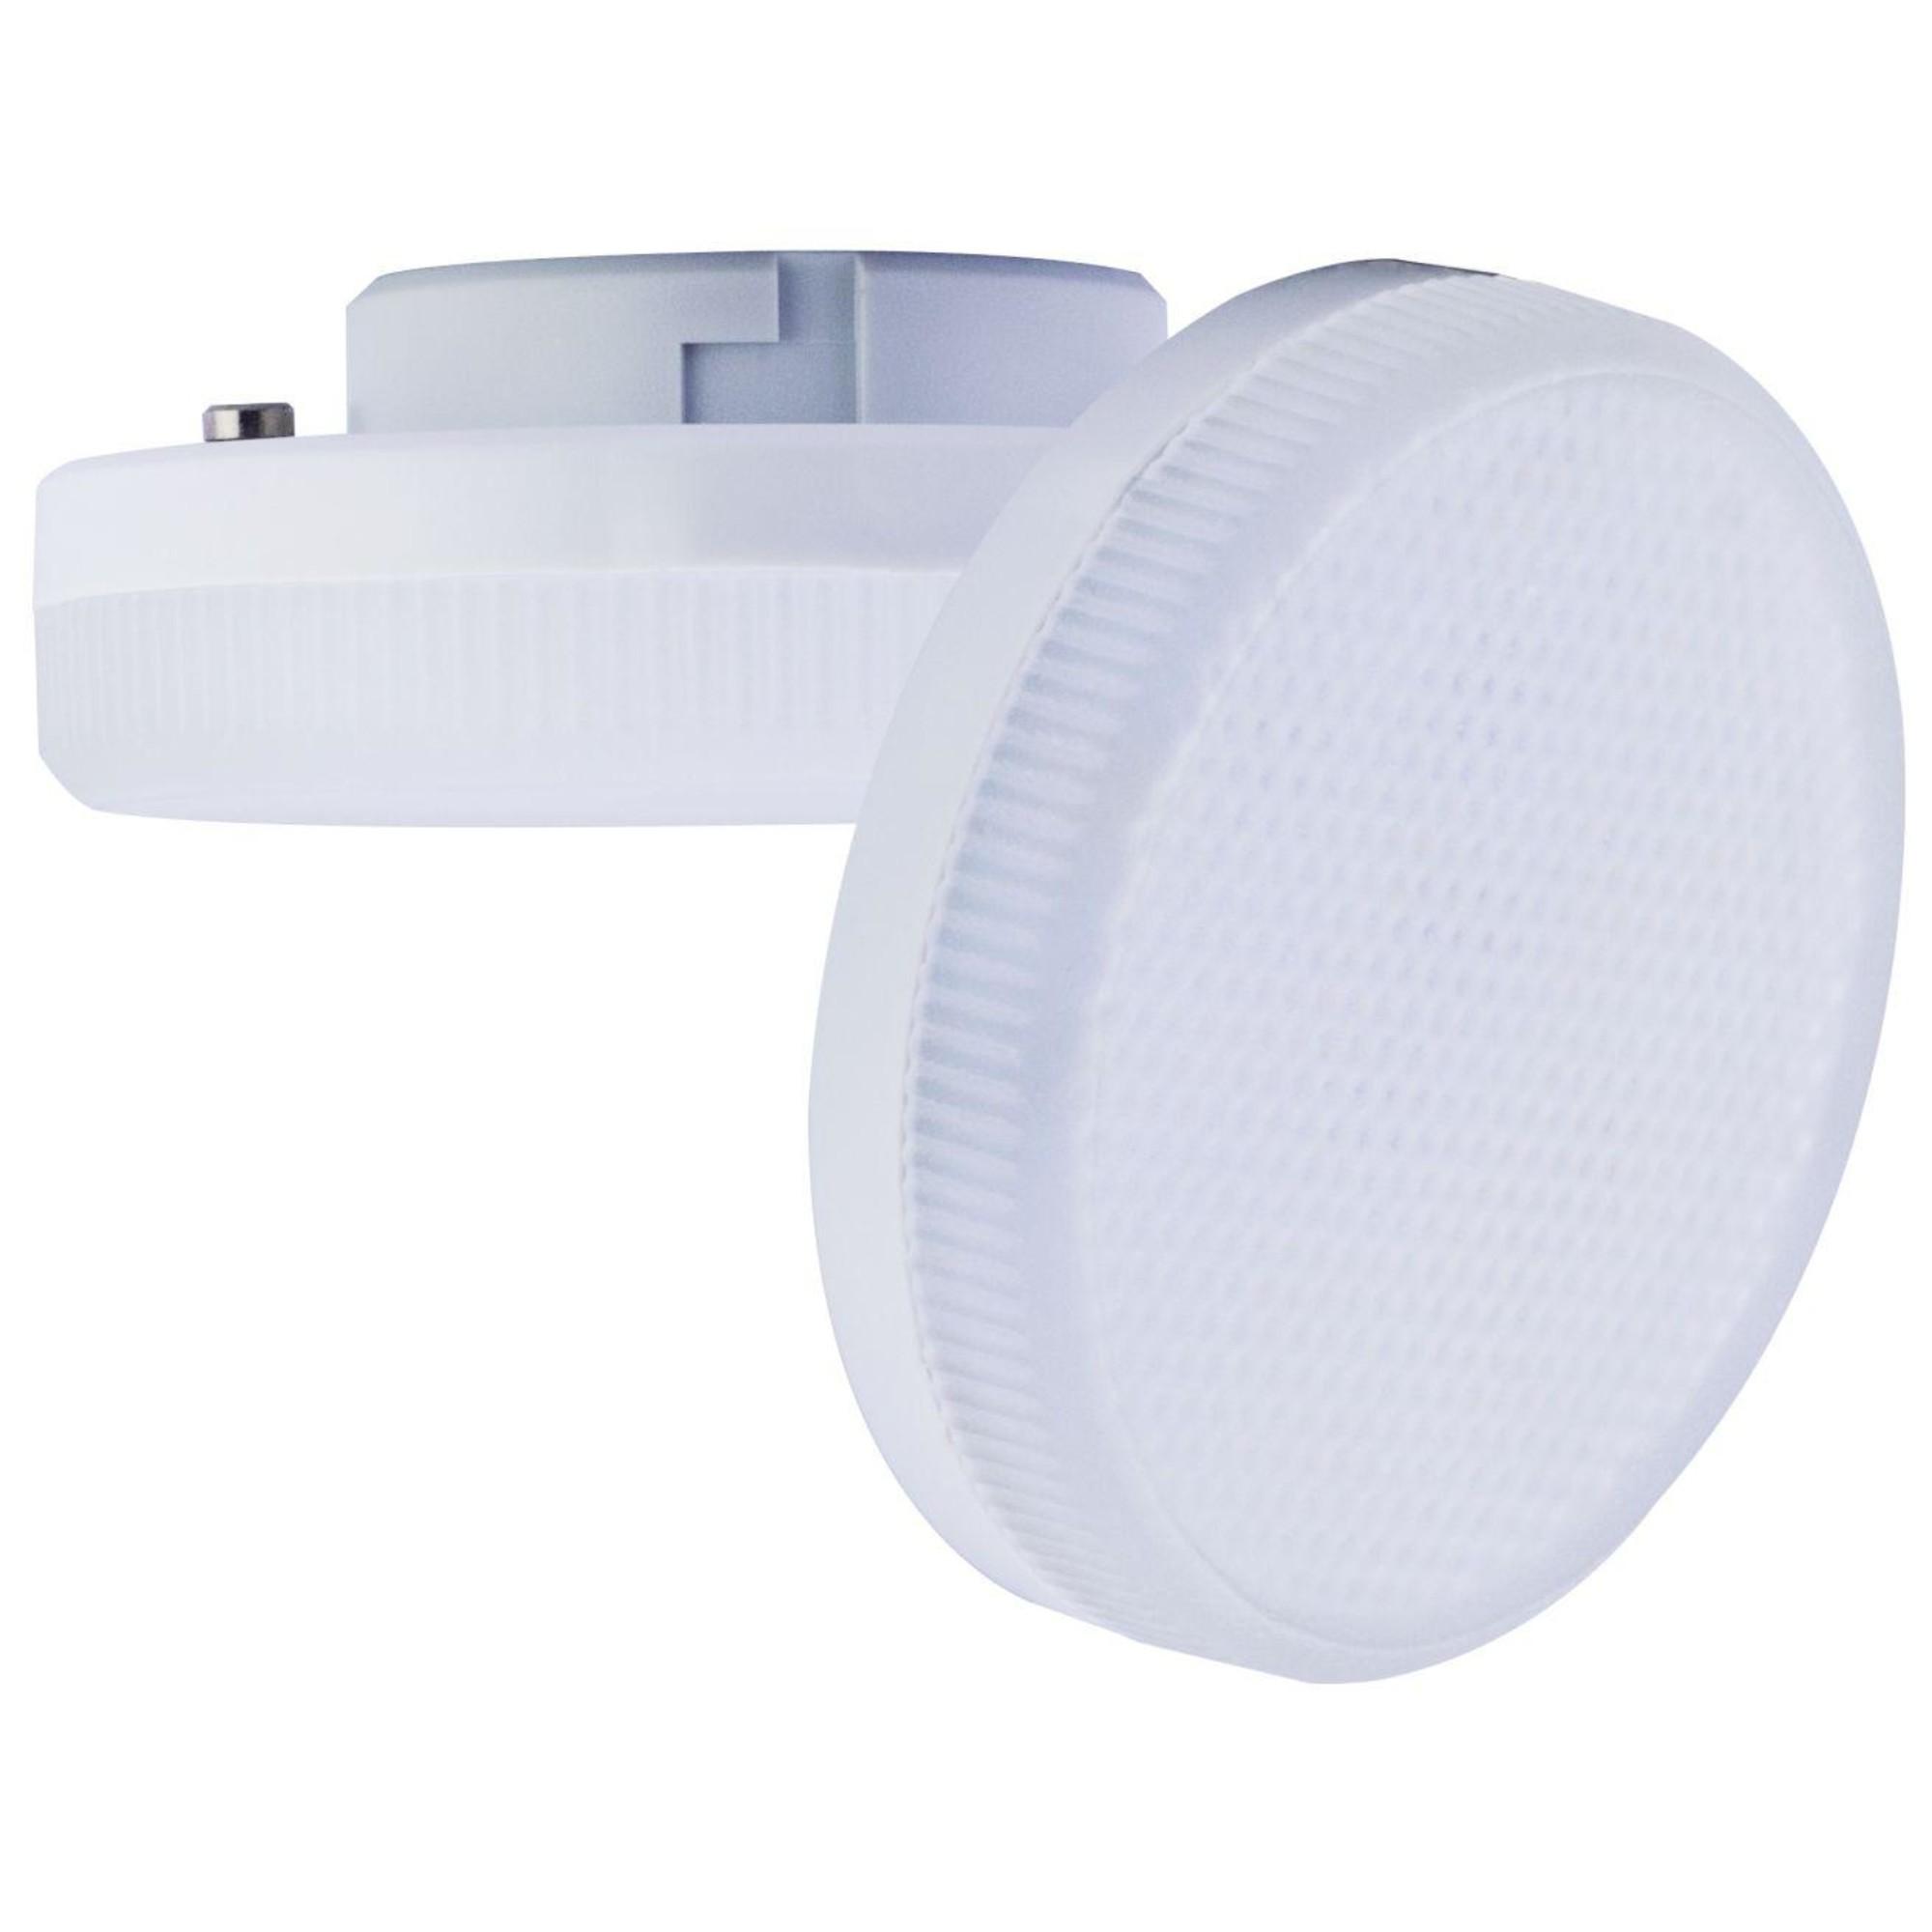 Лампа Ecola Premium светодионая GX53 3 Вт таблетка 270 Лм нейтральный свет